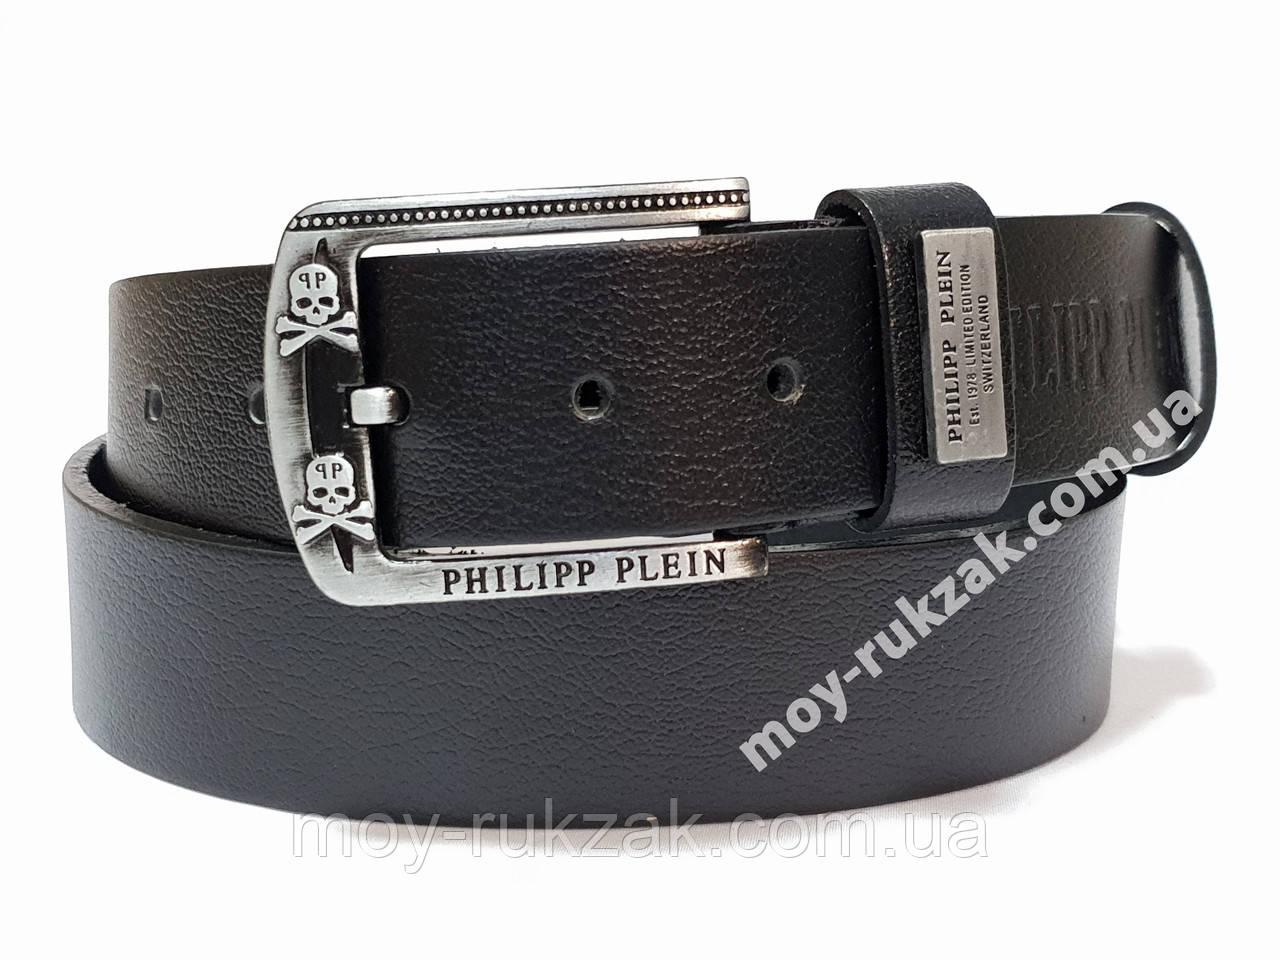 Ремень мужской кожаный Philipp Plein 40 мм., реплика арт. 930648